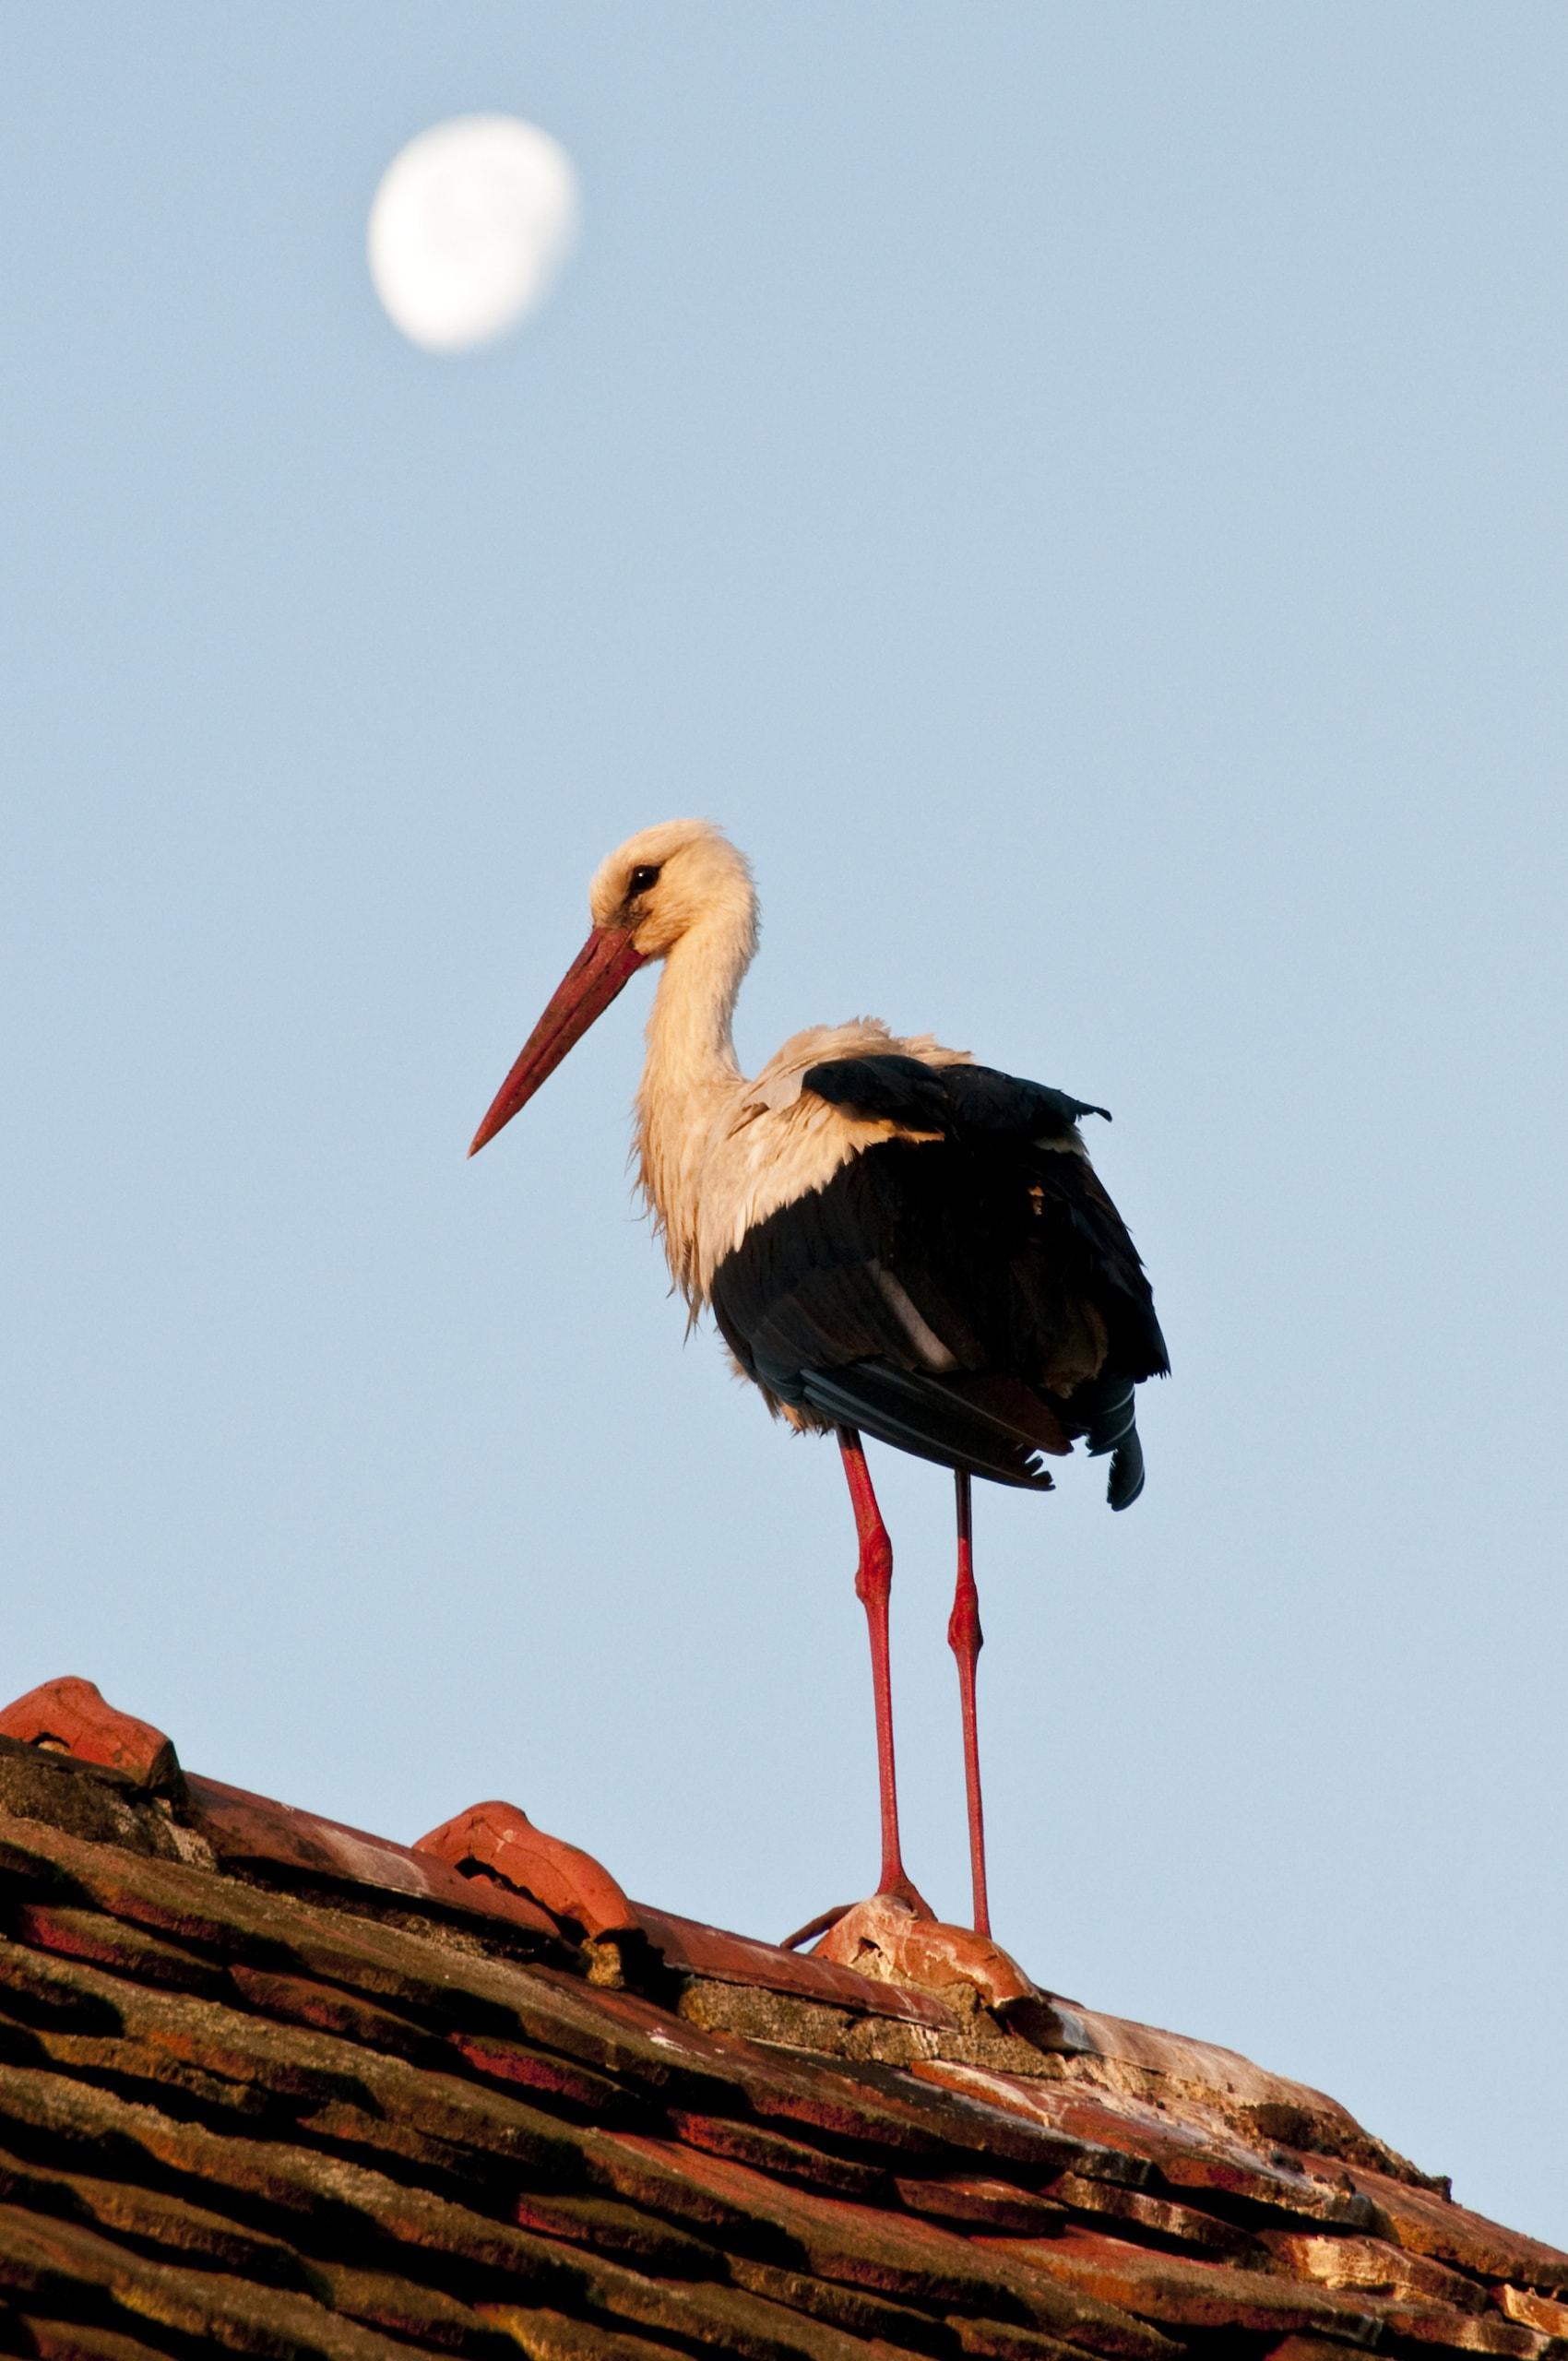 Ein junger Storch auf einem Hausdach im Storchendorf Rühstadt.